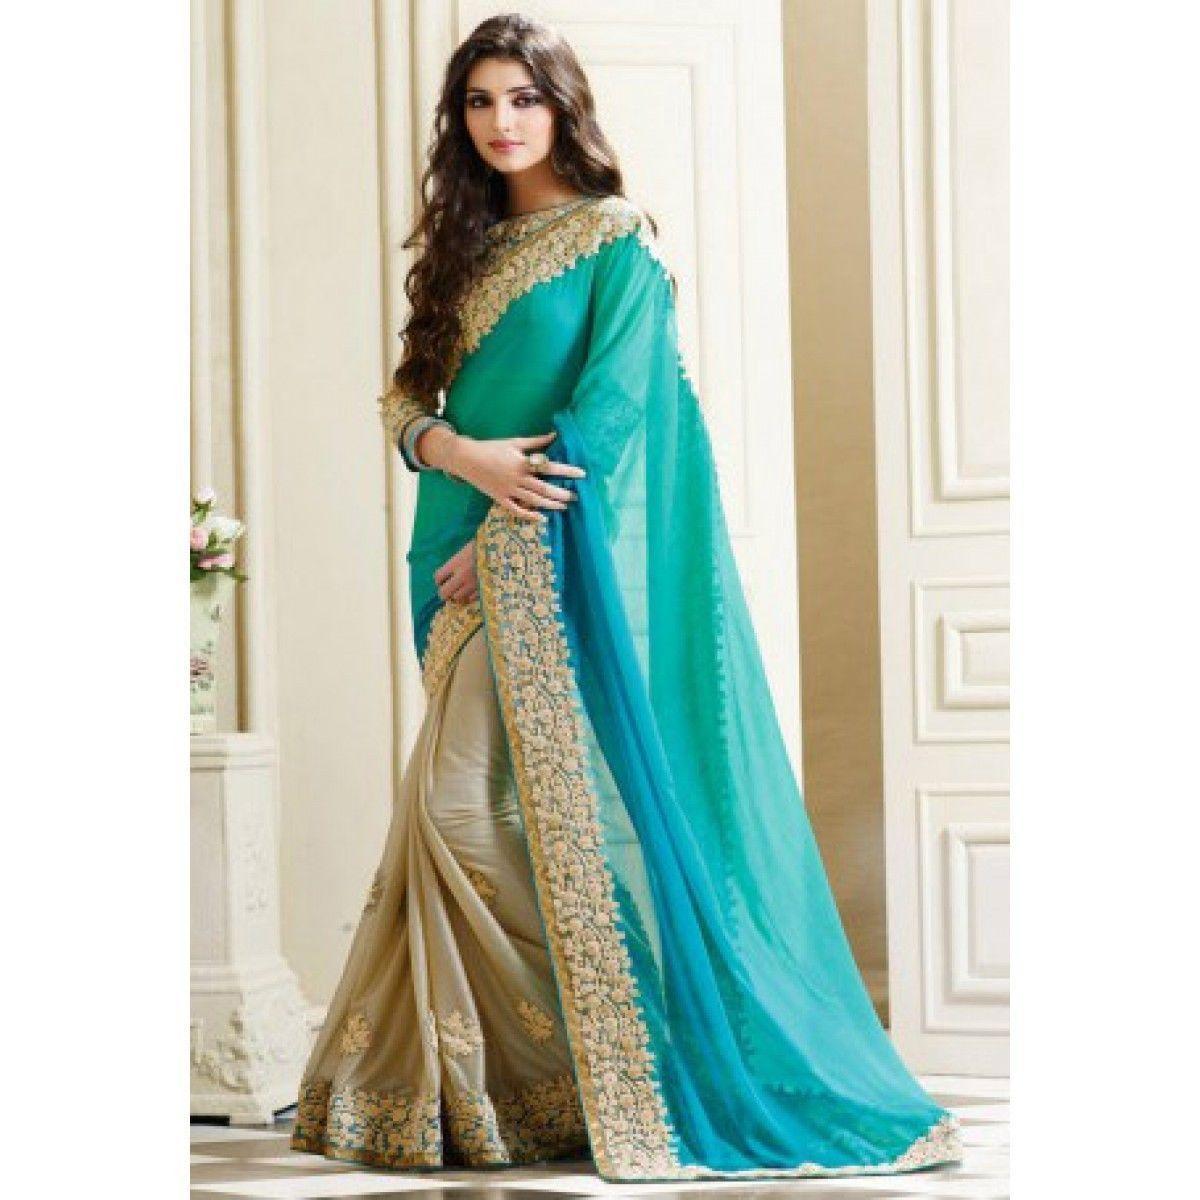 Cute Bollywood Party Dresses Photos - Wedding Ideas - memiocall.com